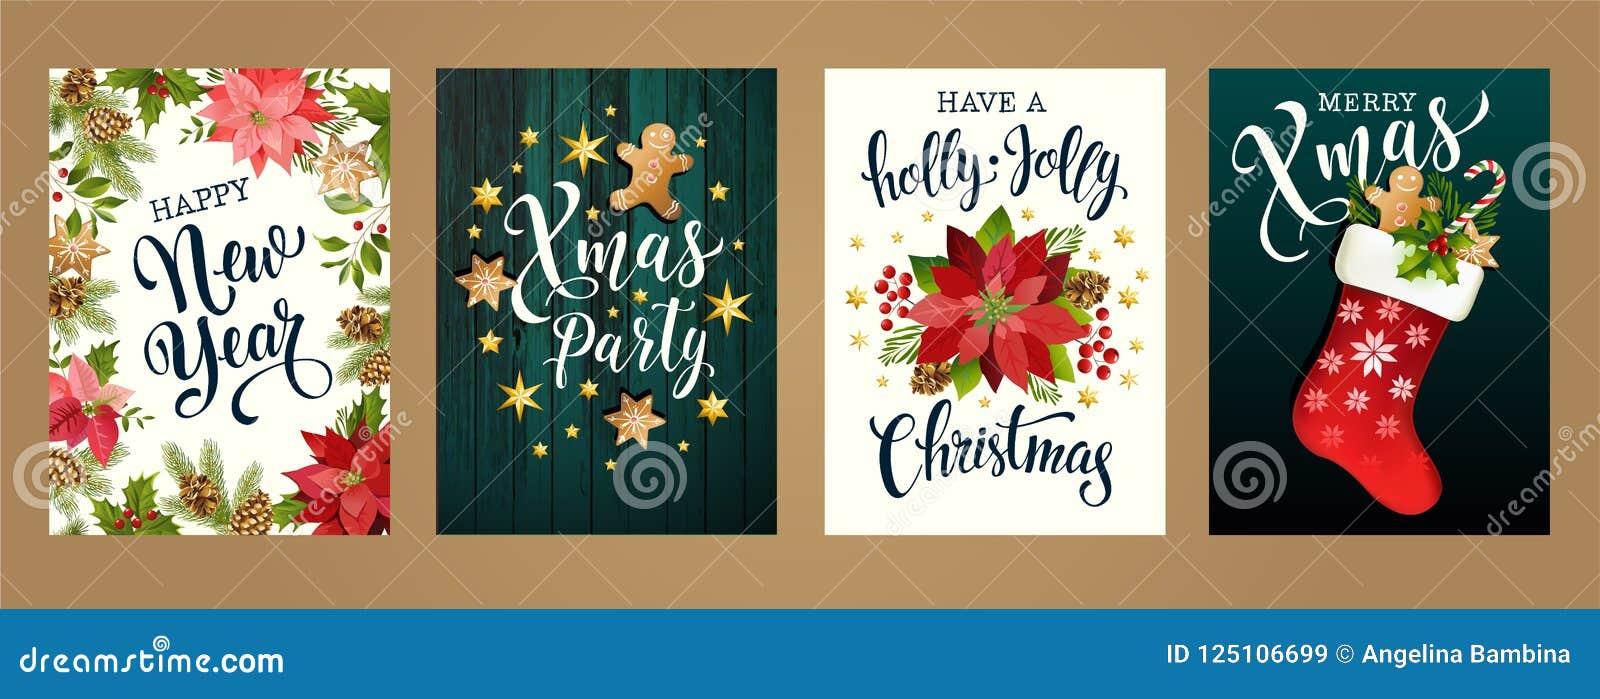 2019 Weiße Weihnachten.Frohe Weihnachten Und Guten Rutsch Ins Neue Jahr 2019 Weiße Und